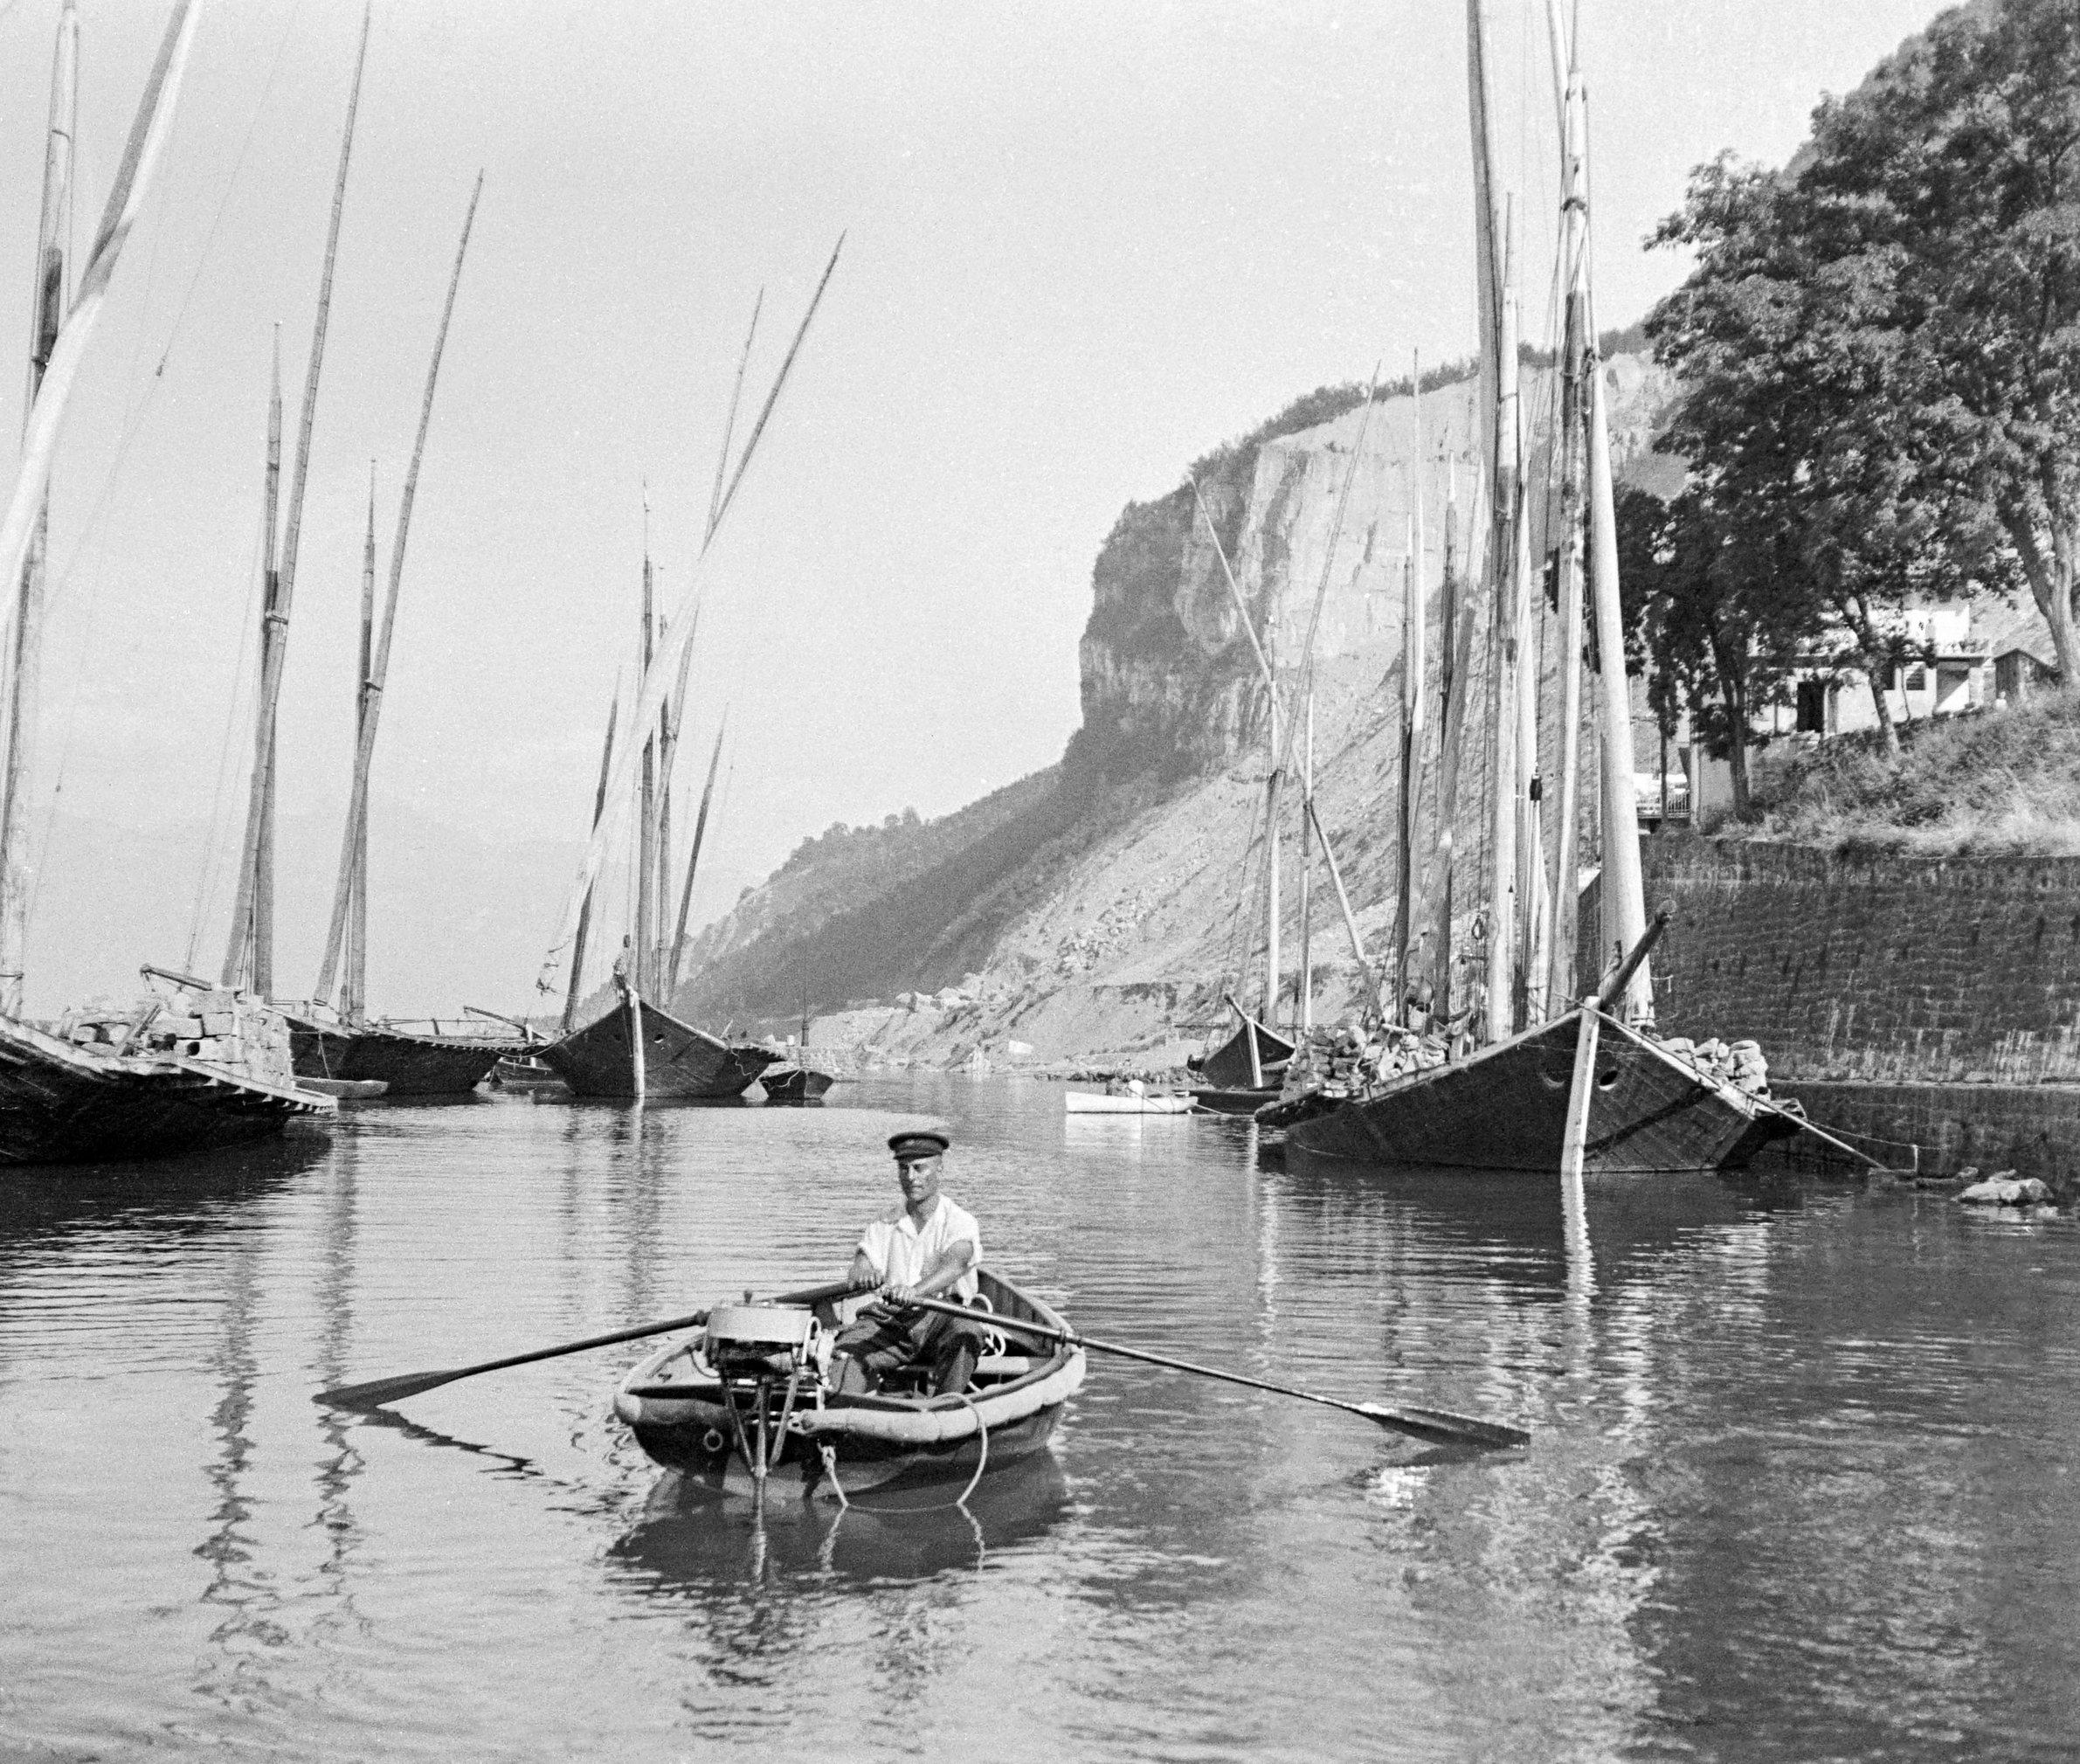 Meillerie, le port et les barques